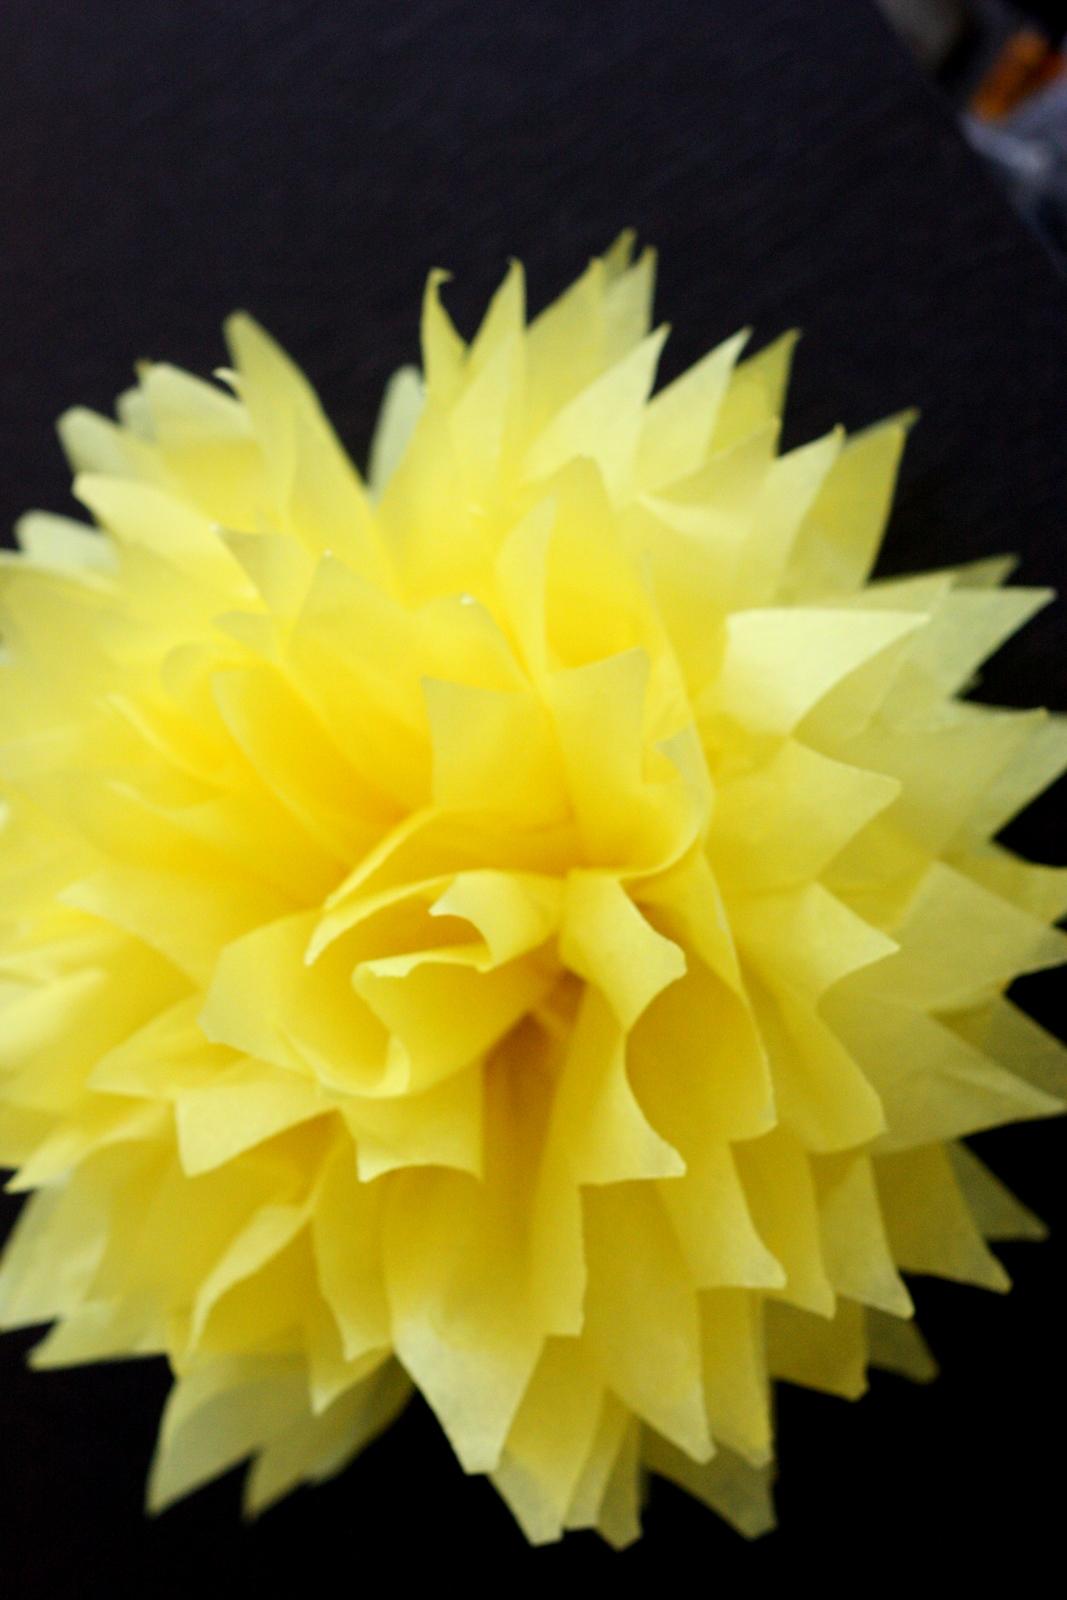 Baking Love Diy Tissue Paper Flowers Pom Poms And Girl